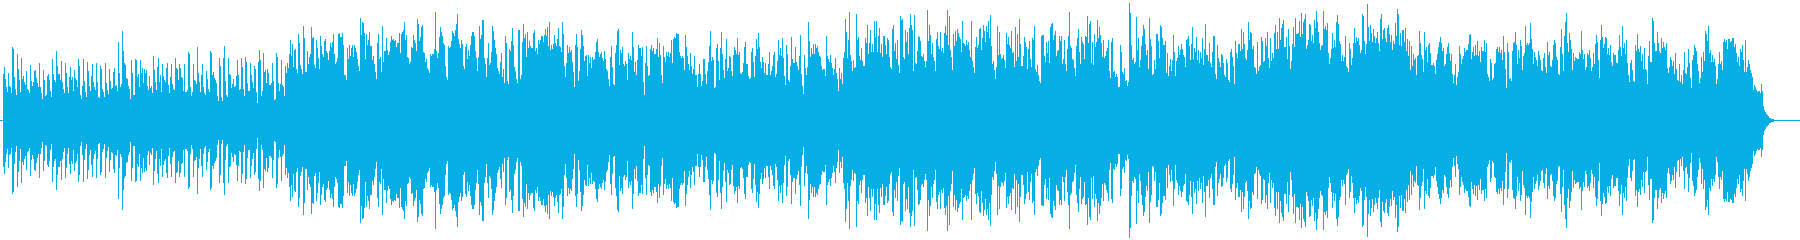 緑あふれるリラクゼーションミュージックの再生済みの波形